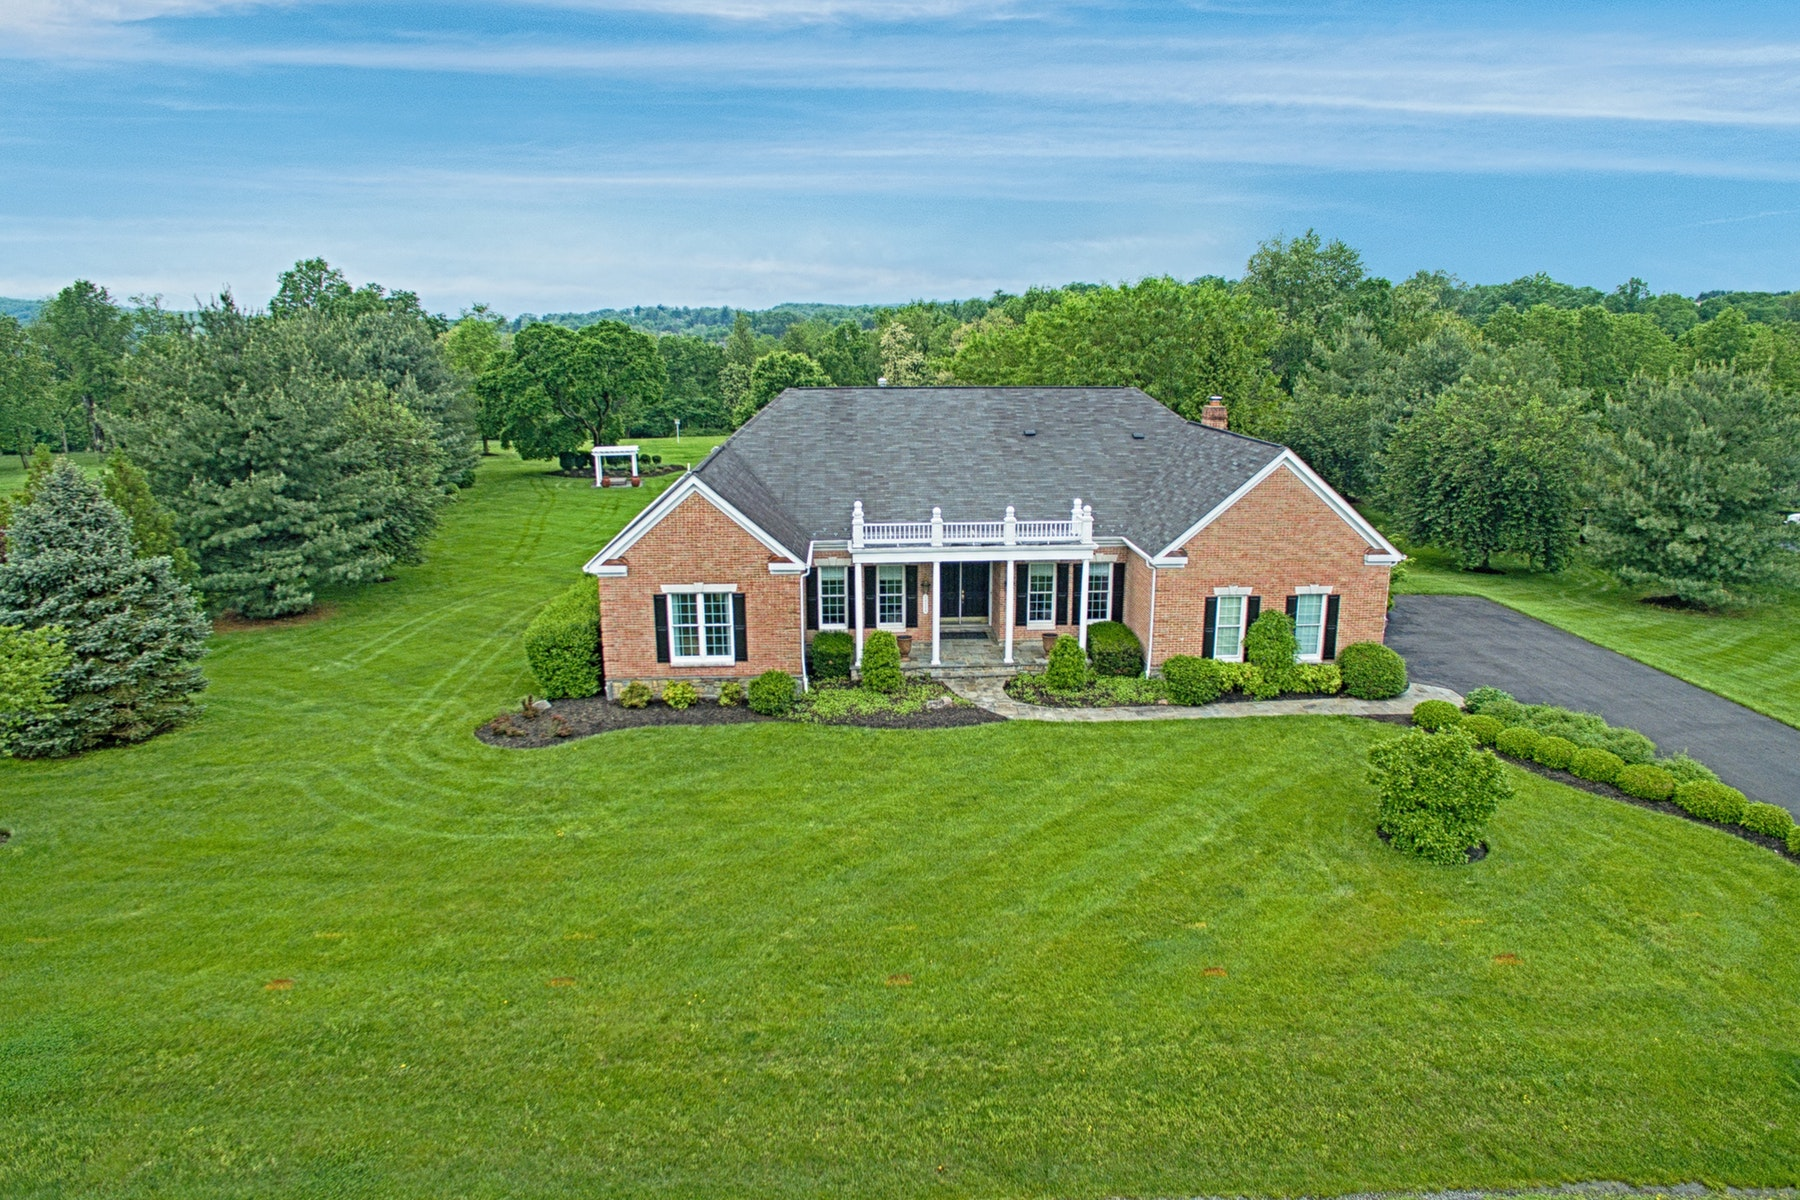 Частный односемейный дом для того Продажа на Elegant Country Estate 19359 Emerald Park Drive Leesburg, Виргиния 20175 Соединенные Штаты